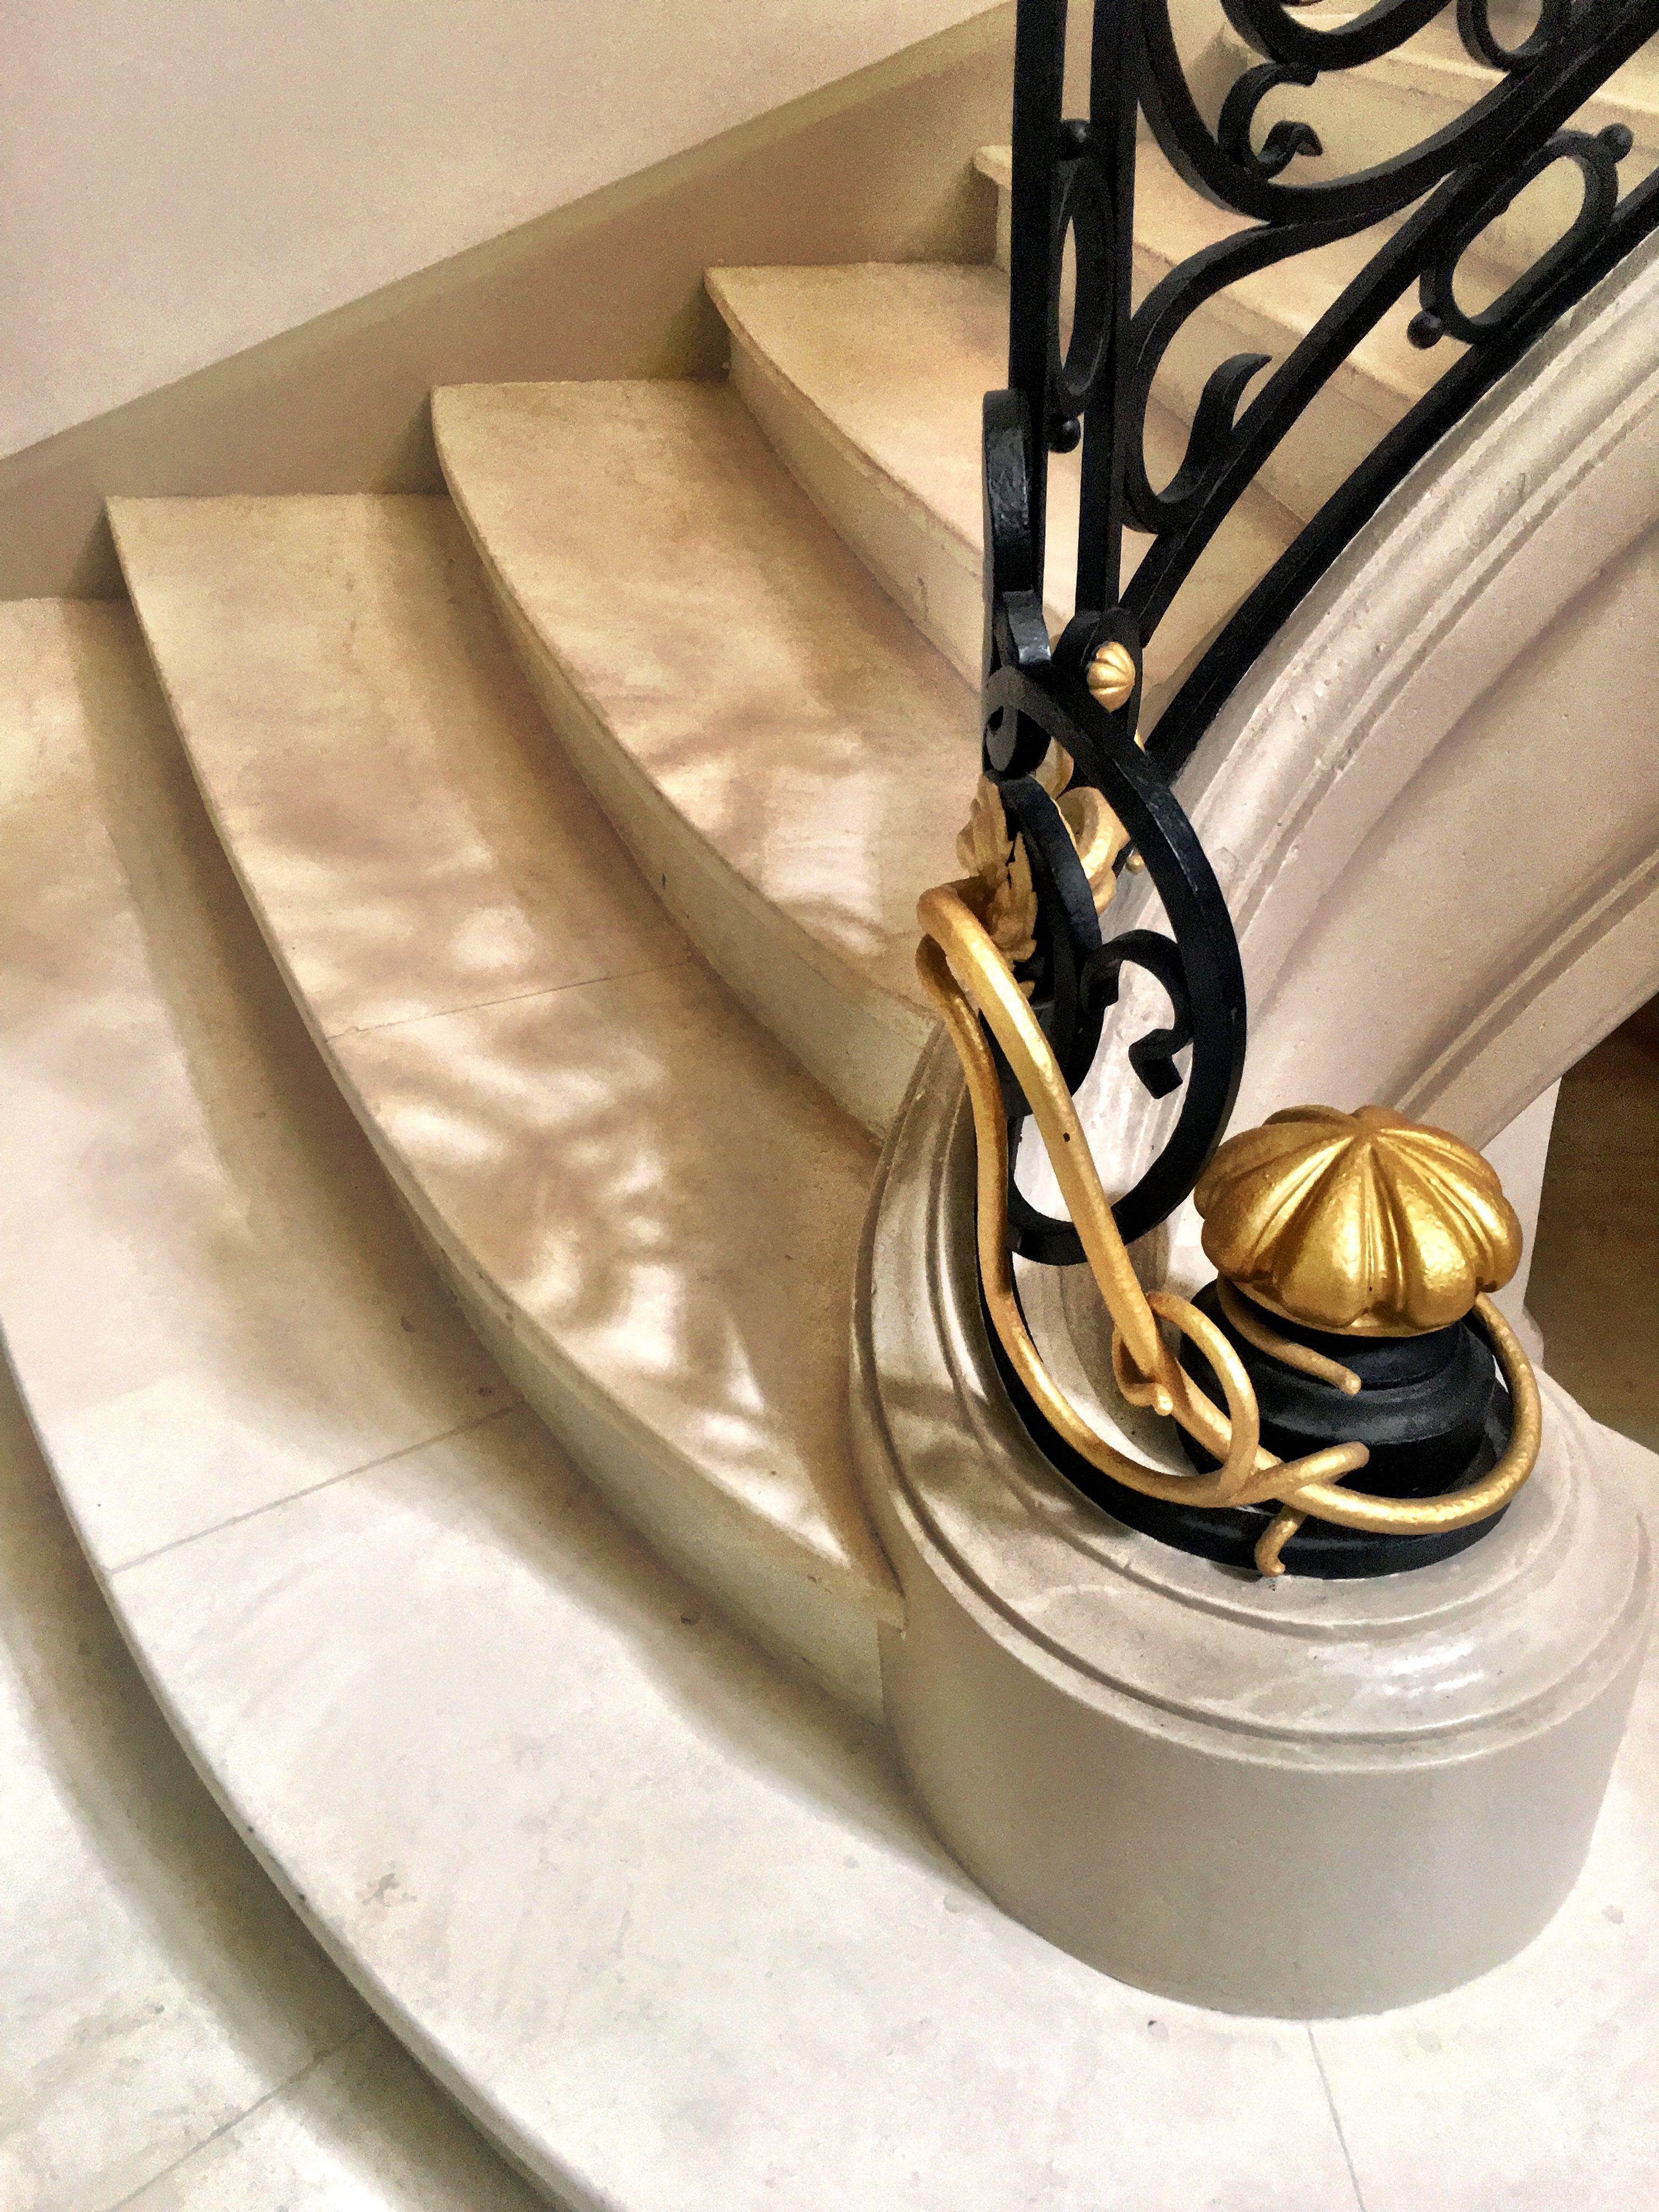 Je partage juste parce que c'est #beau! Quelle délicatesse! 👍🌺 #escalier #ferroneriedart #marbre #biarritz #carltonbiarritz #ambiance #home #design #décoration #architecte #intérieur #interiors #artdevivre #bonheur #happy #carebycare #happyculture #bienchezsoi #mieuxchezsoi #decodumonde